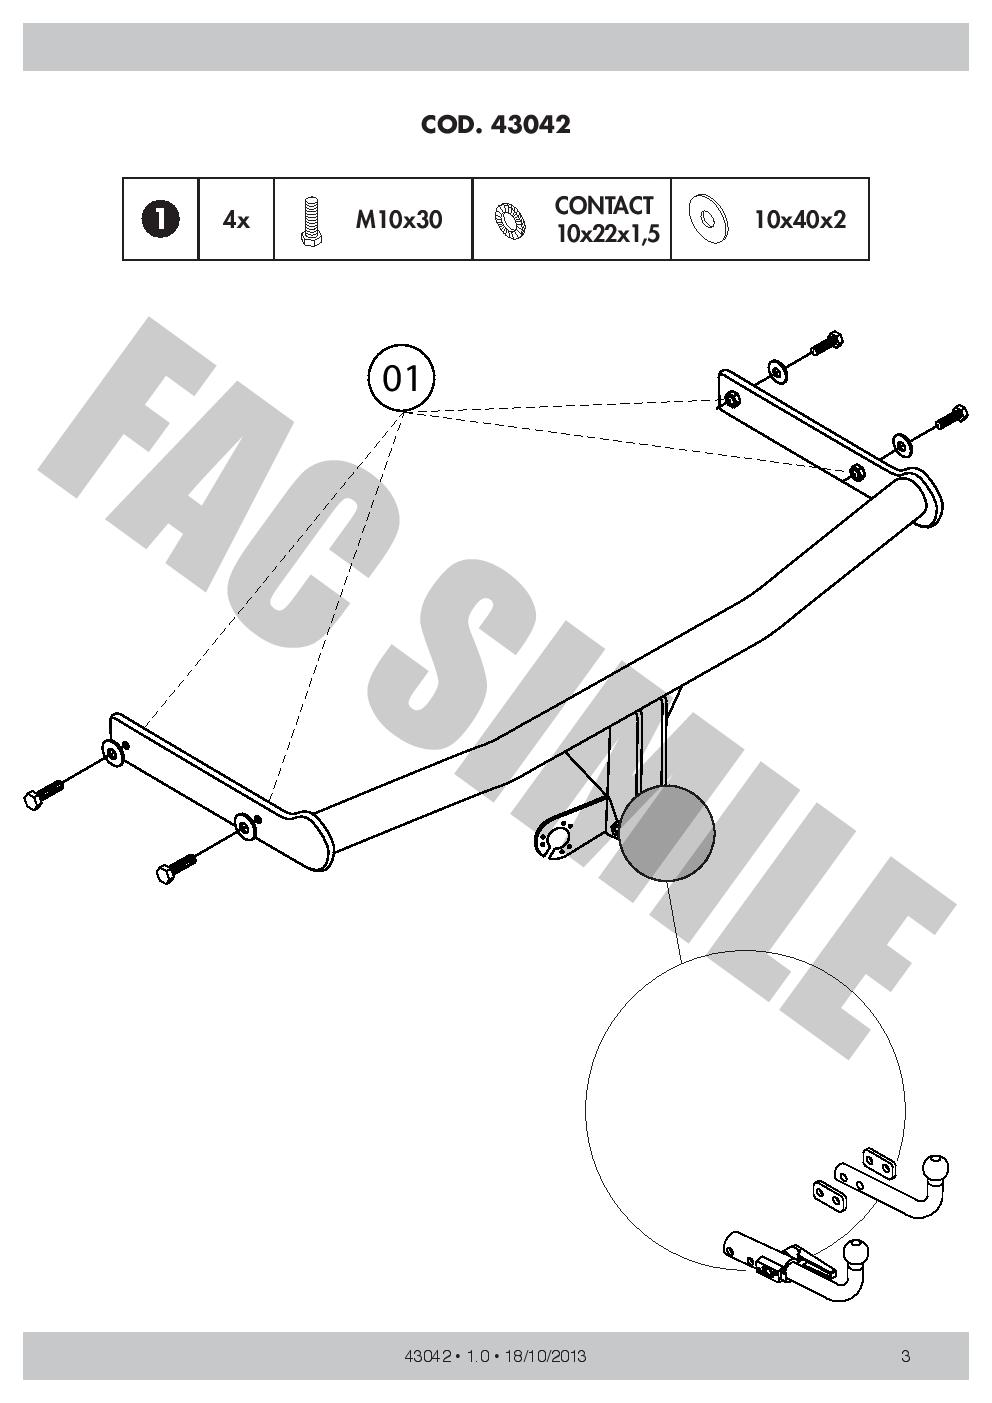 13168//C/_UKE1 Detachable Towbar 7p Electrics for Fiat 500 Hatch 3dr 500 S 2007